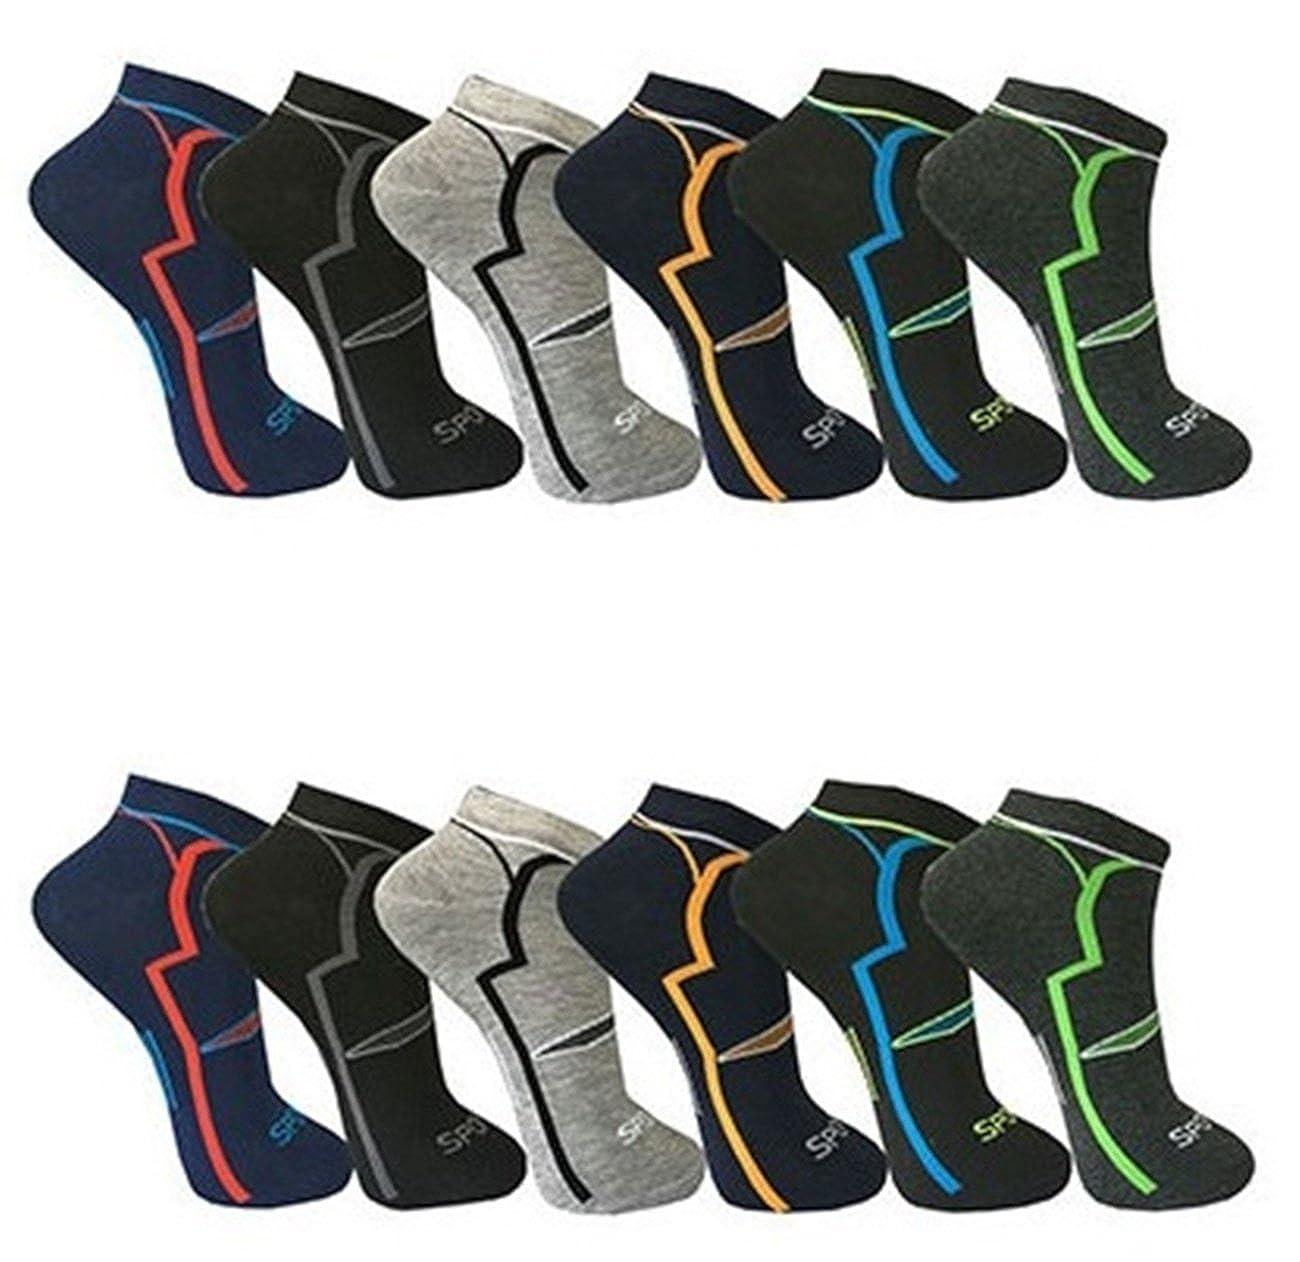 Kupplung Bremshebel Schutz Hand Guardprotector Handschutz Zubeh/ör for BMW S1000RR S1000XR S1000R HP4 R Nine T S 1000 RR R LIWENCUI Color : Black